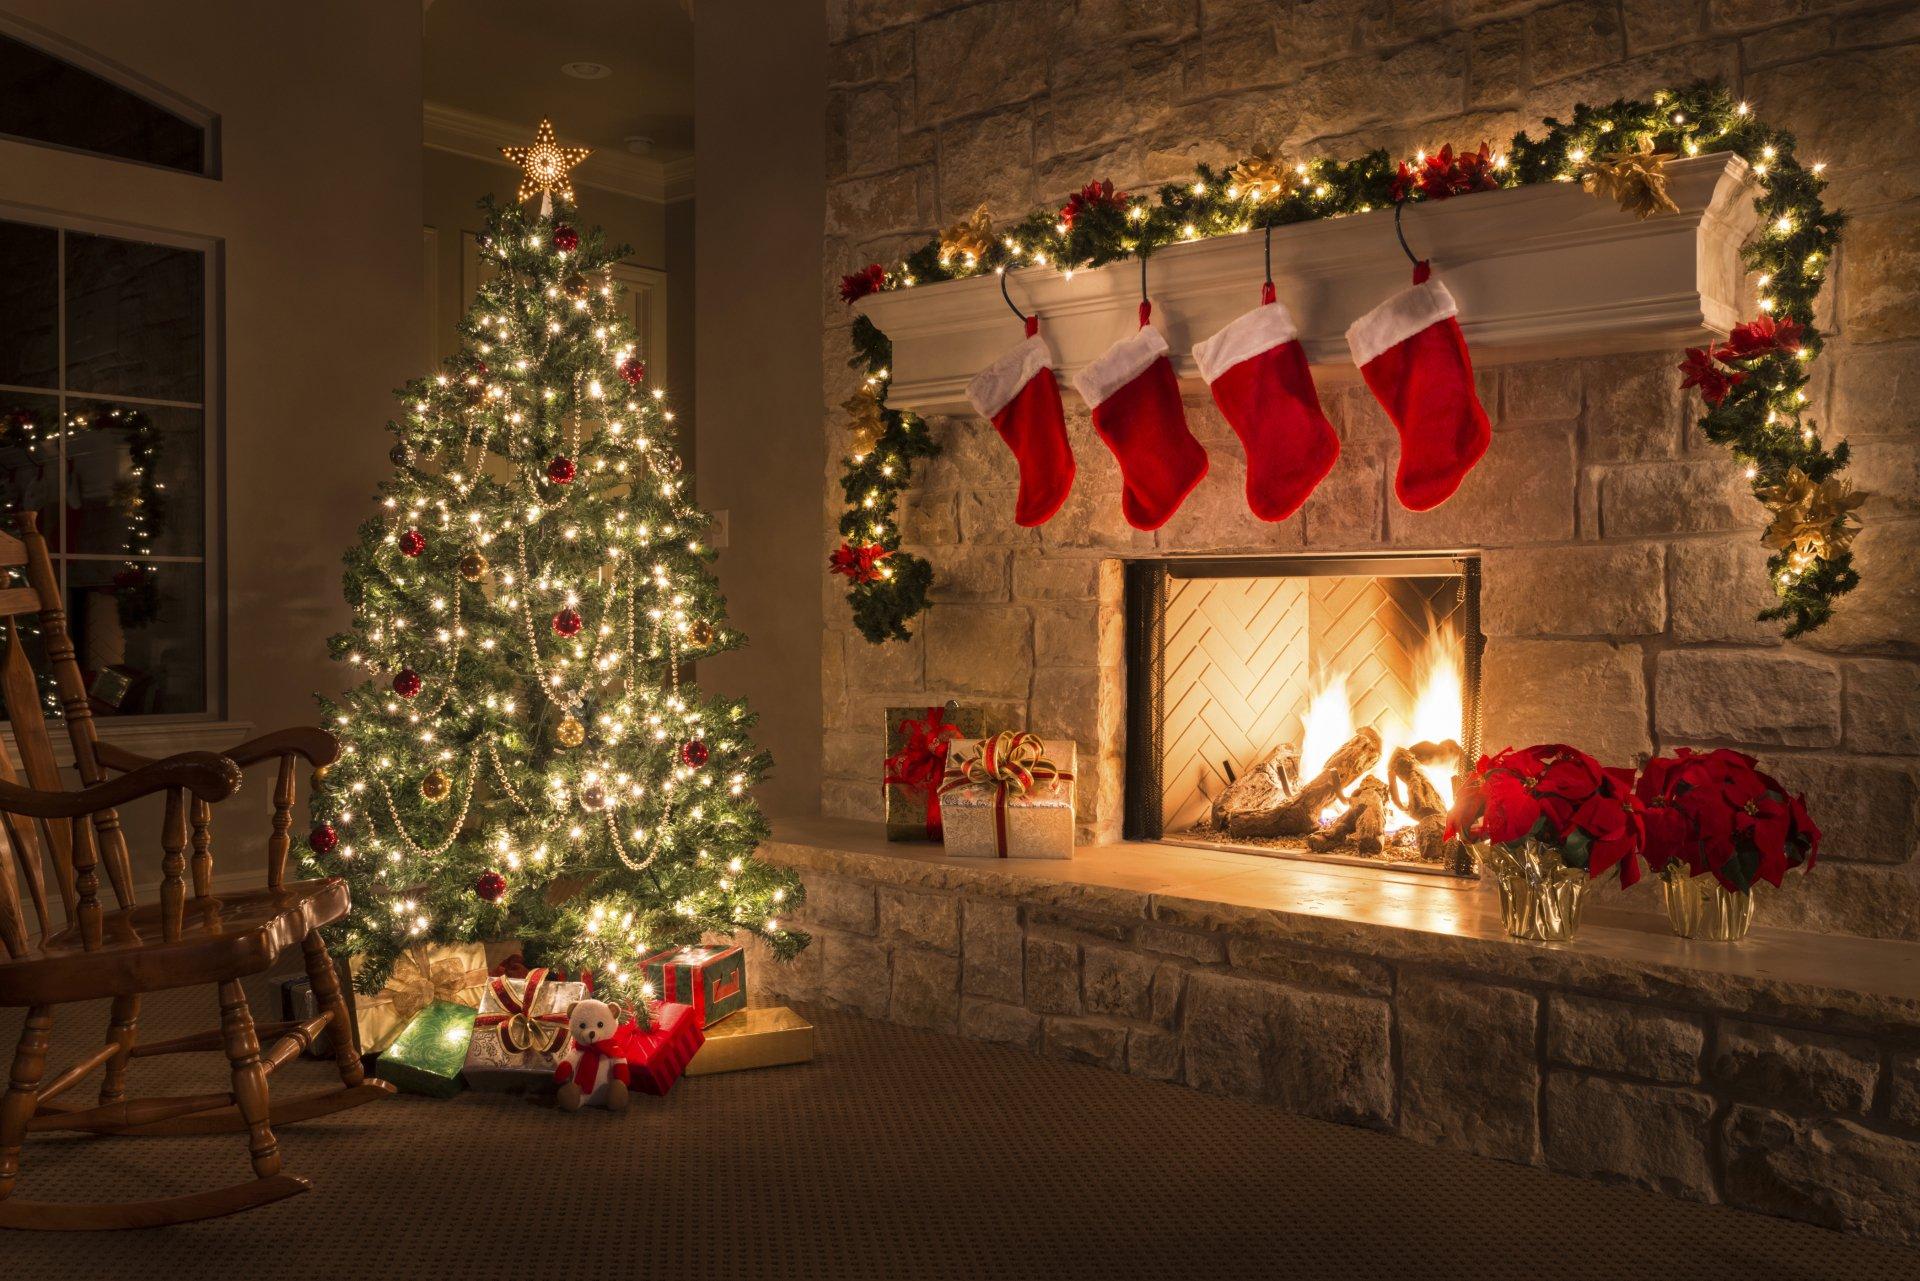 Sfondi Natalizi 1366x768.981 4k Ultra Hd Natale Sfondi Sfondo Wallpaper Abyss Pagina 8